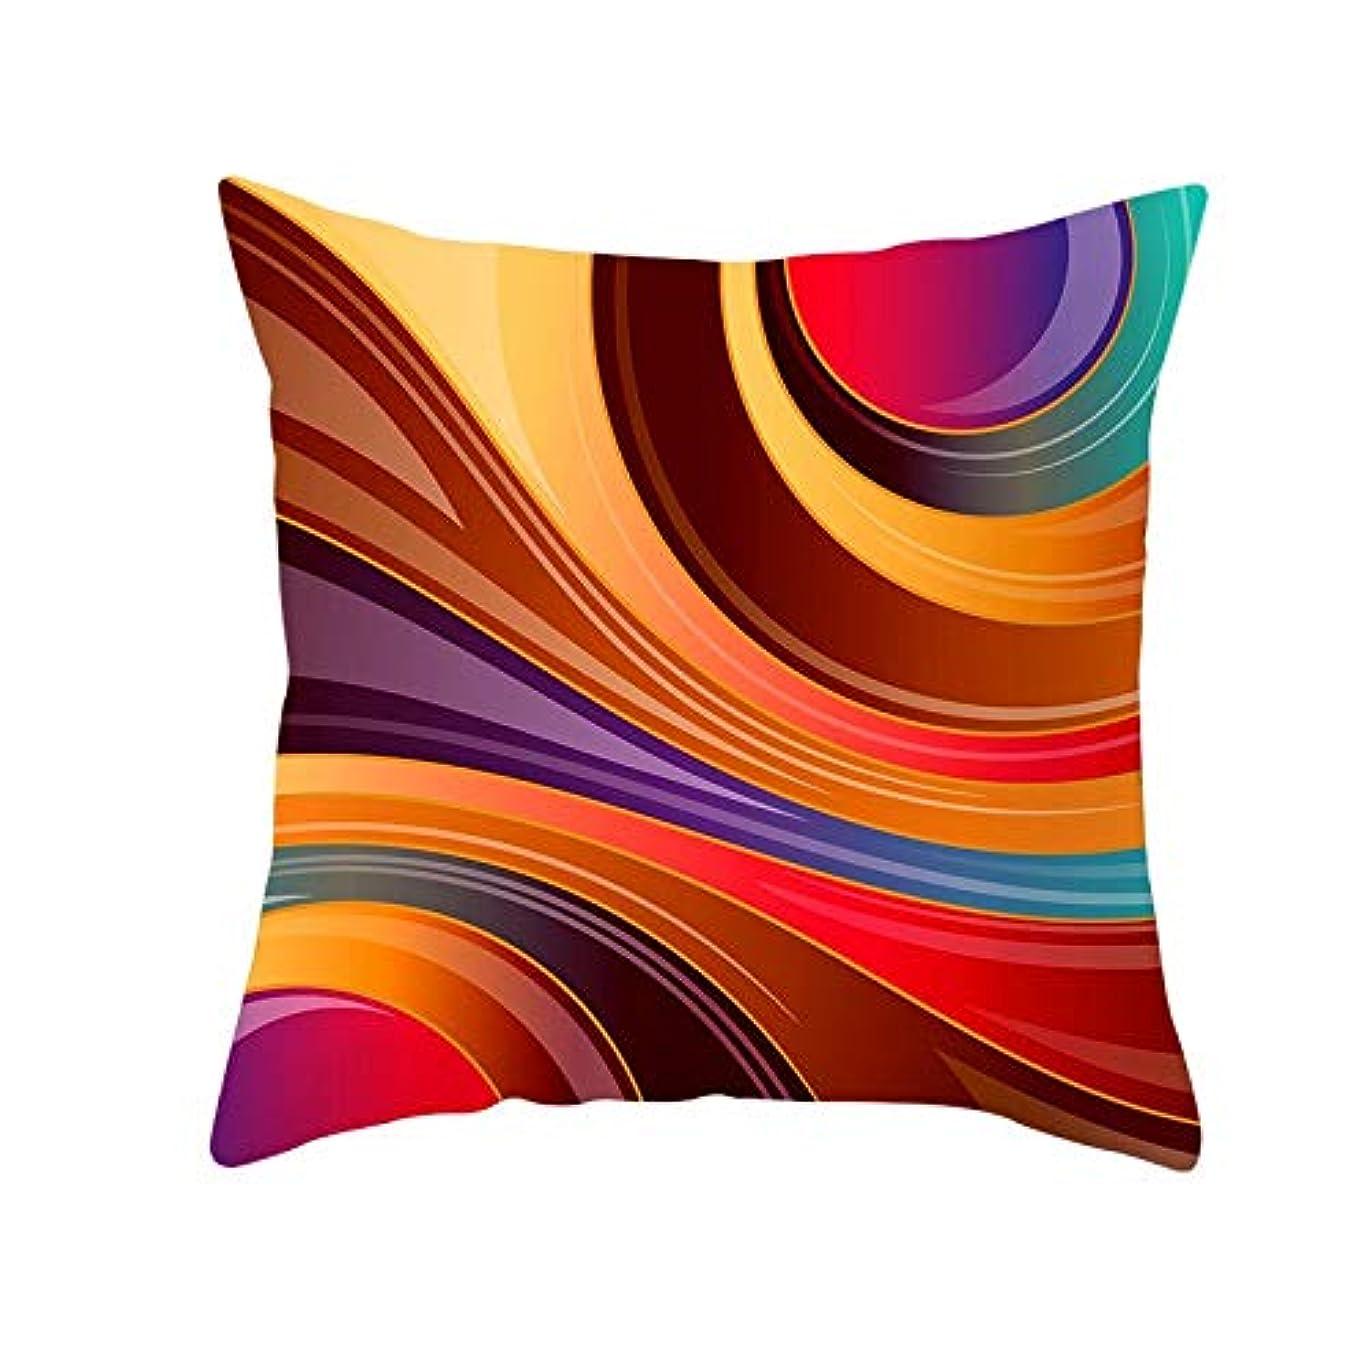 シェルターの前でベルベットLIFE 装飾クッションソファ 幾何学プリントポリエステル正方形の枕ソファスロークッション家の装飾 coussin デ長椅子 クッション 椅子